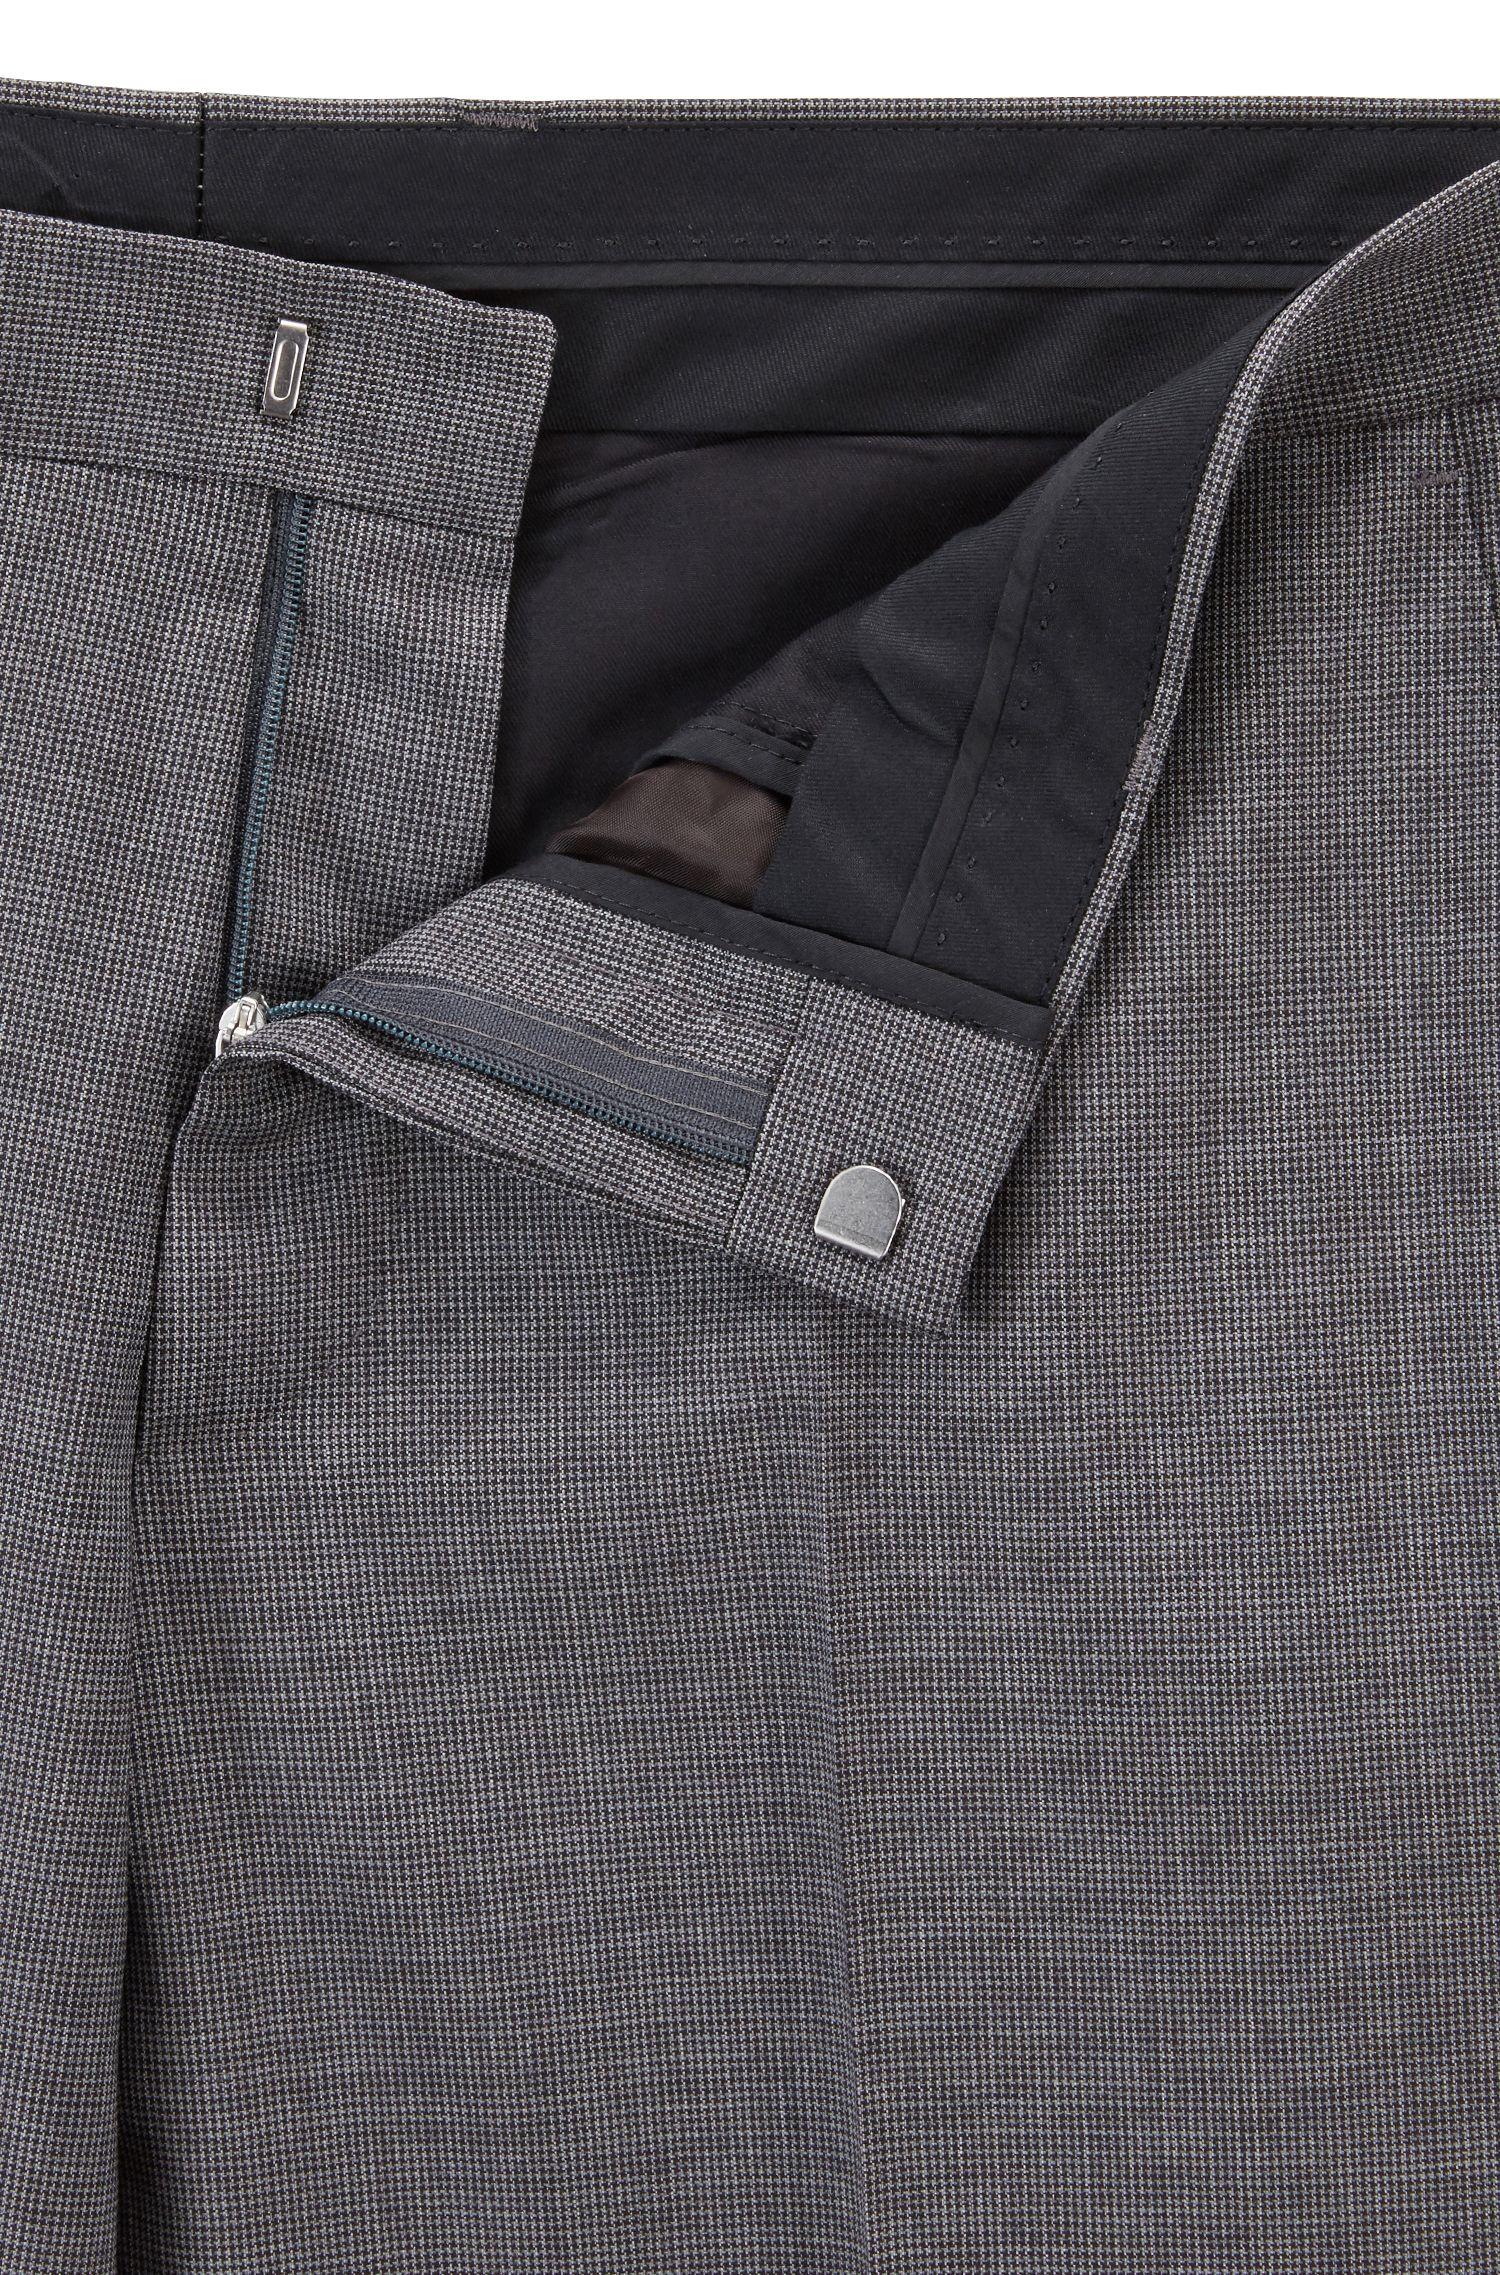 Traje slim fit en lana virgen con elástico natural, Gris oscuro